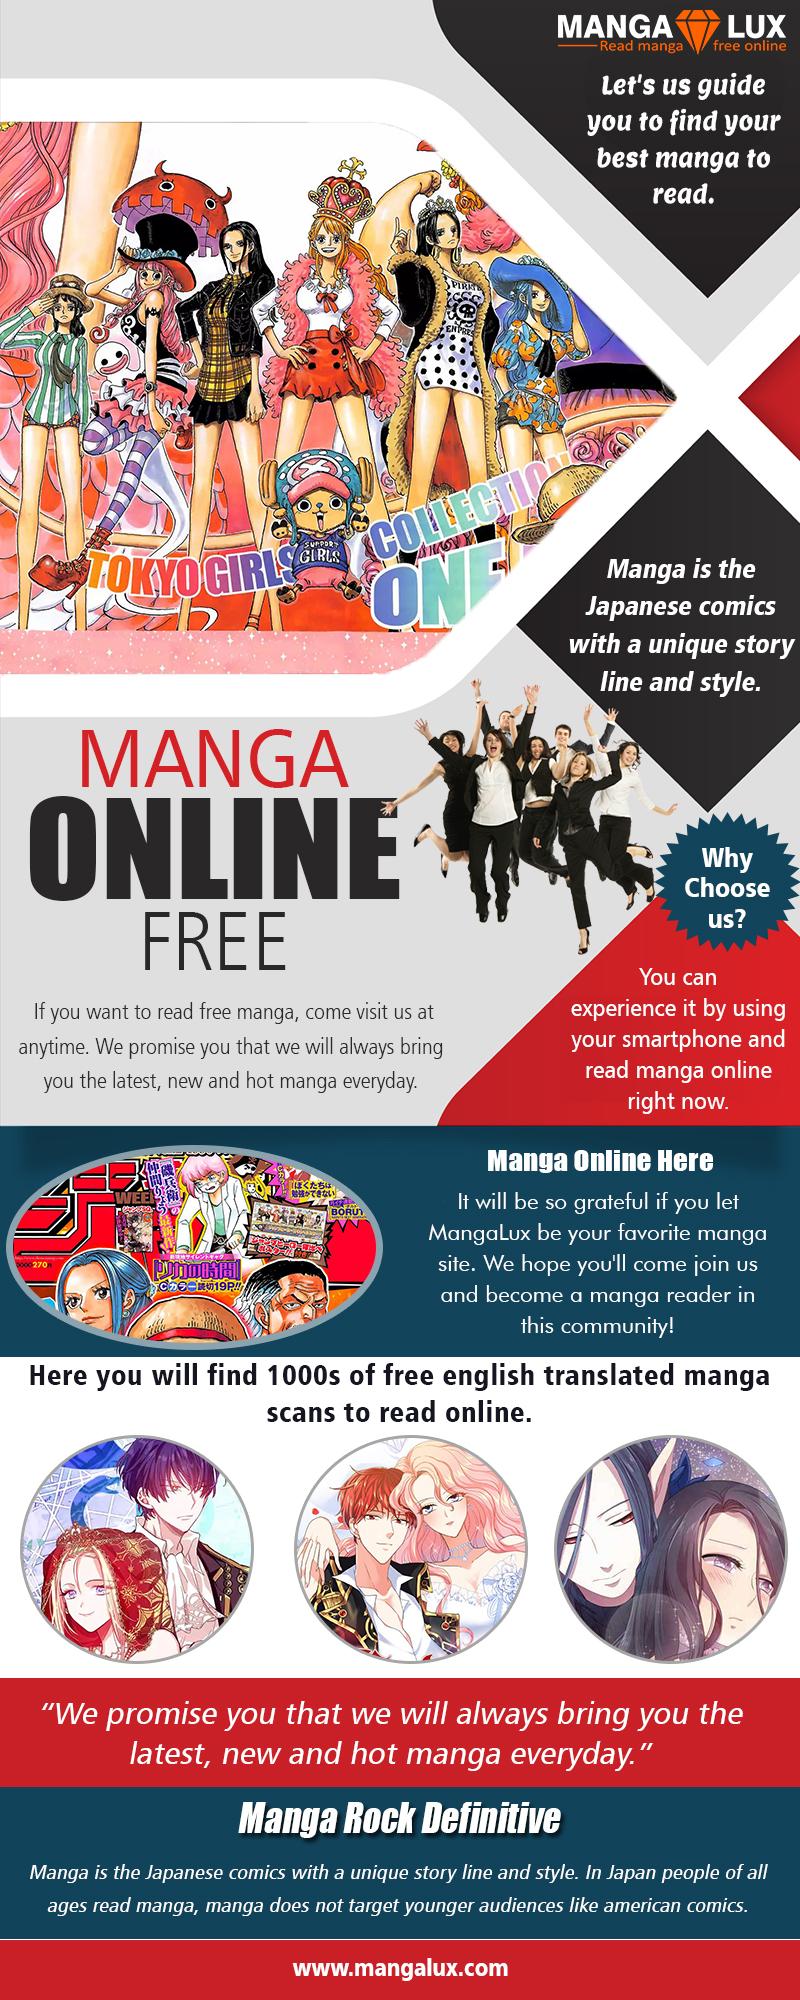 Manga Online Free